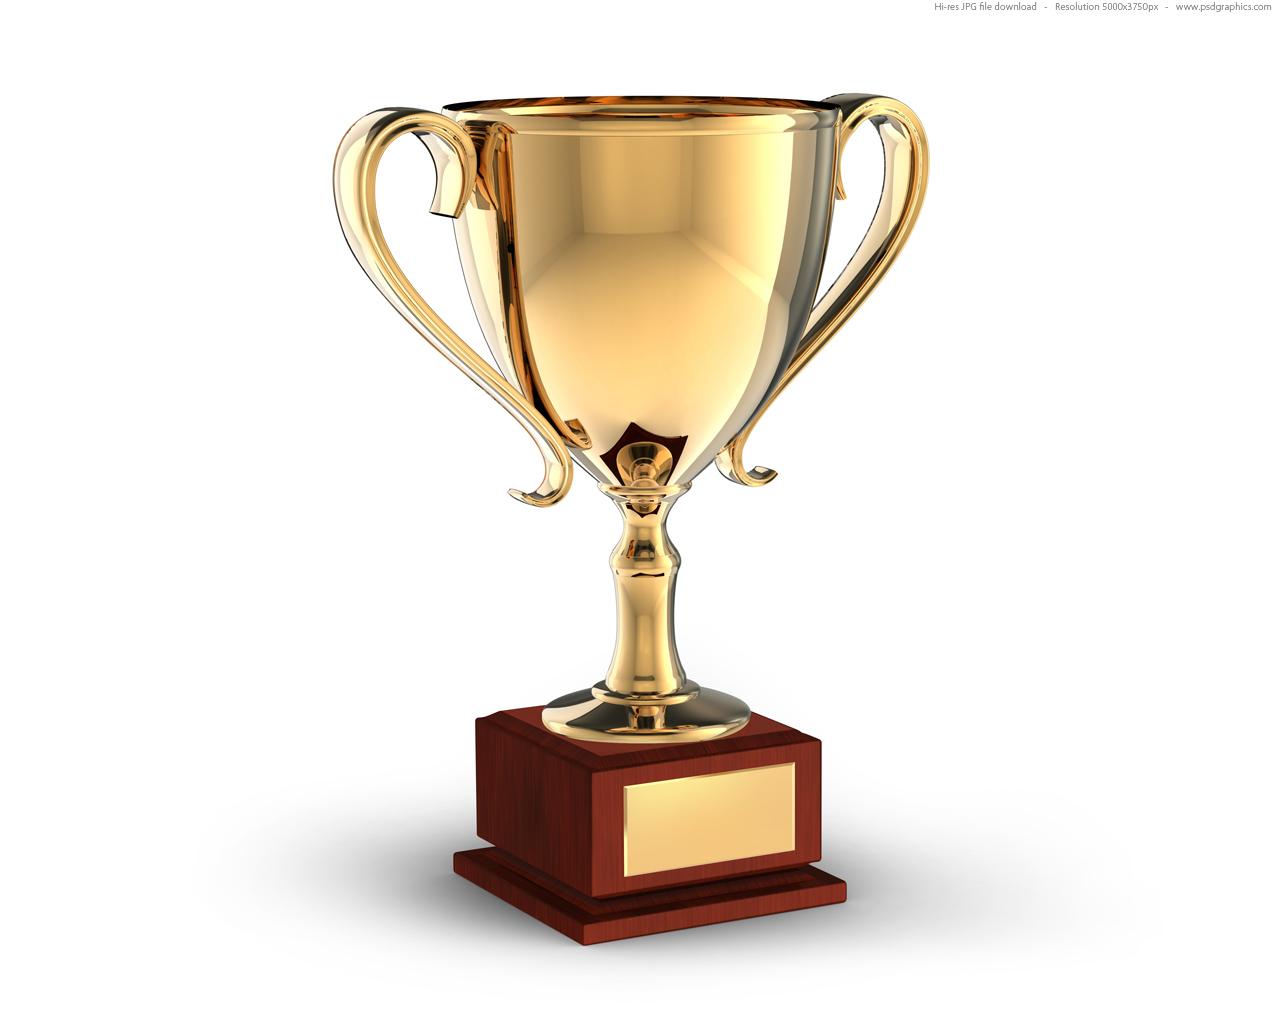 Award Trophy Png 30585